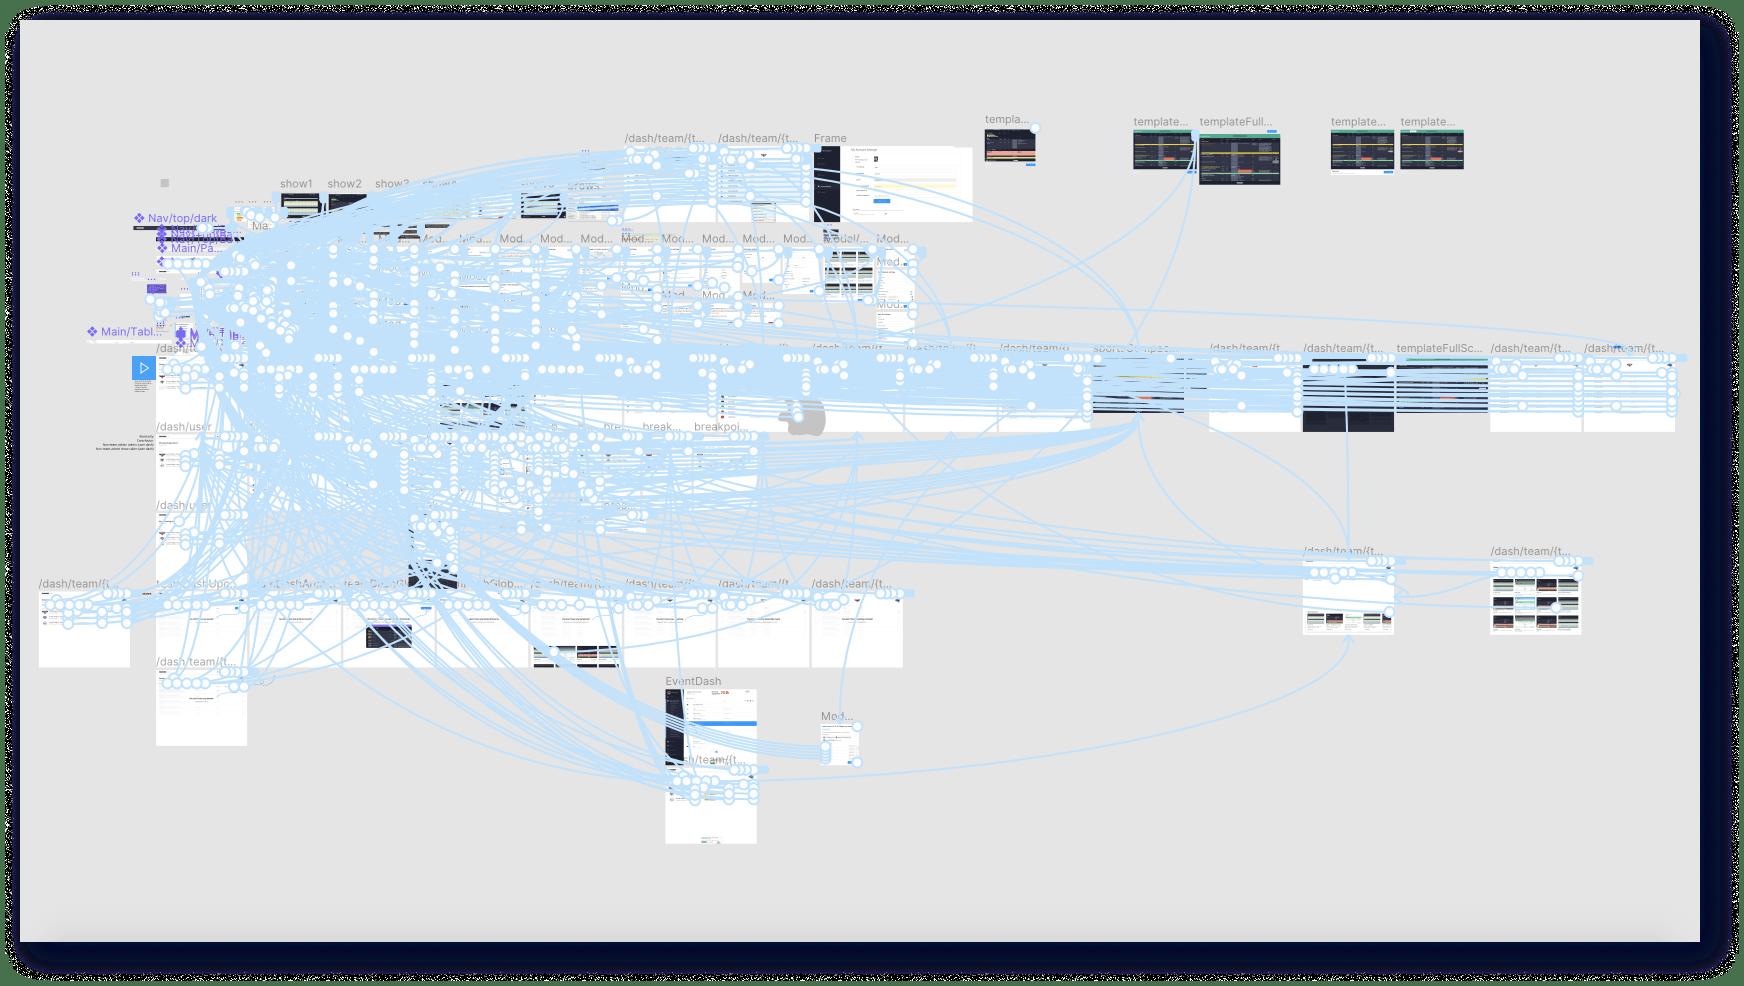 Shoflo 2019 redesign prototype nodes